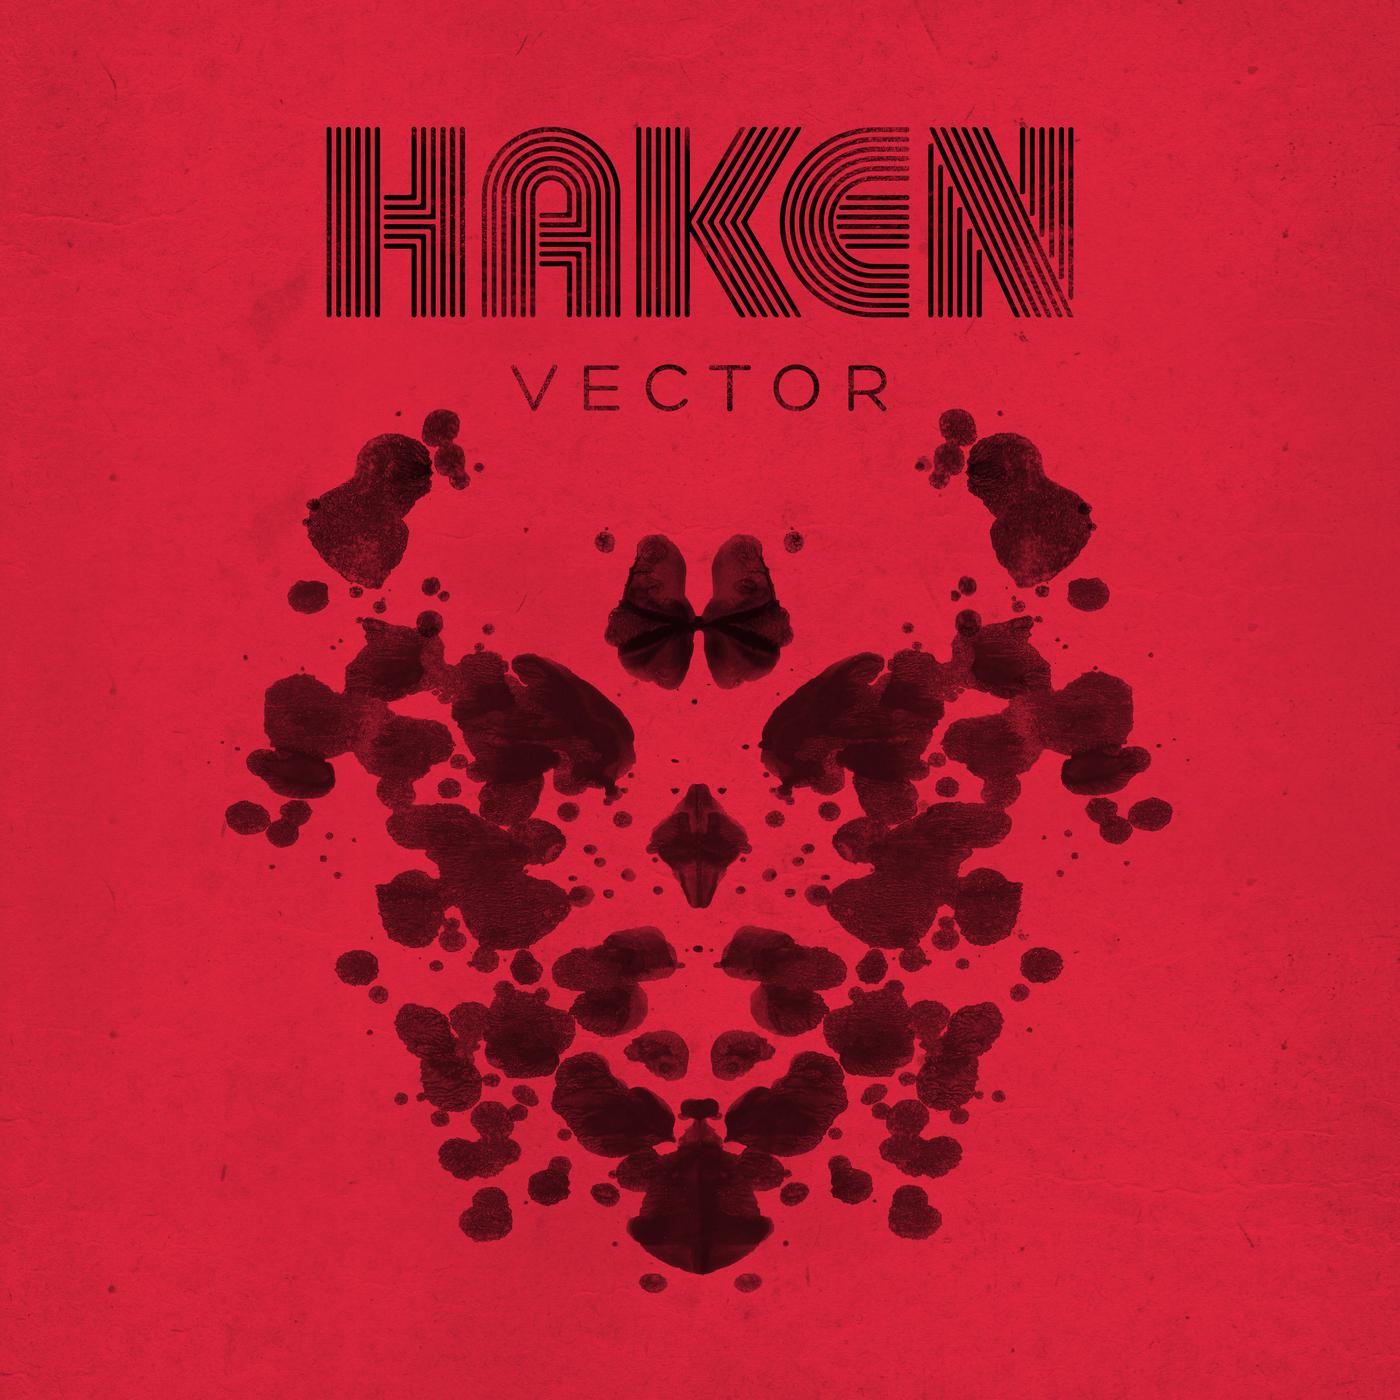 Vector - Haken